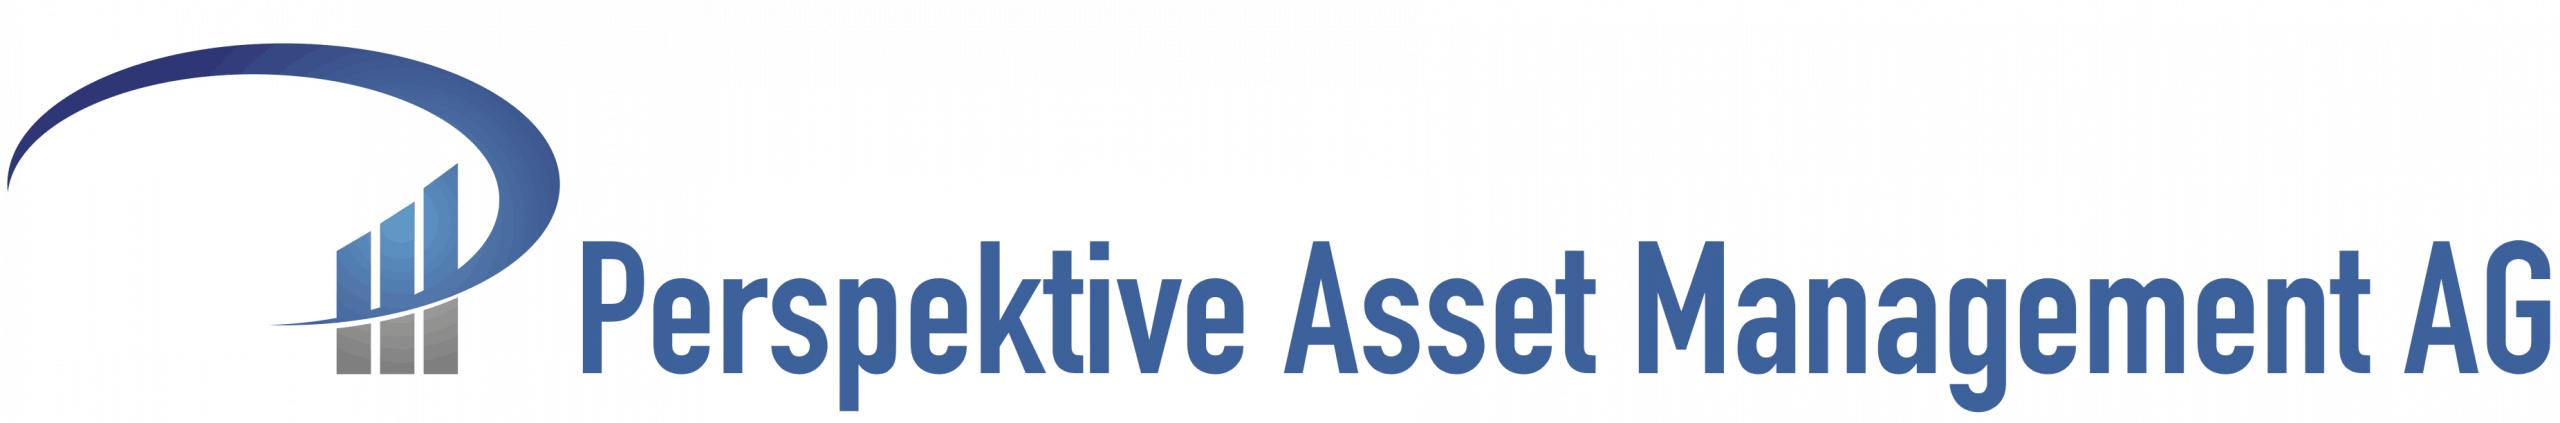 Perspektive Asset Management